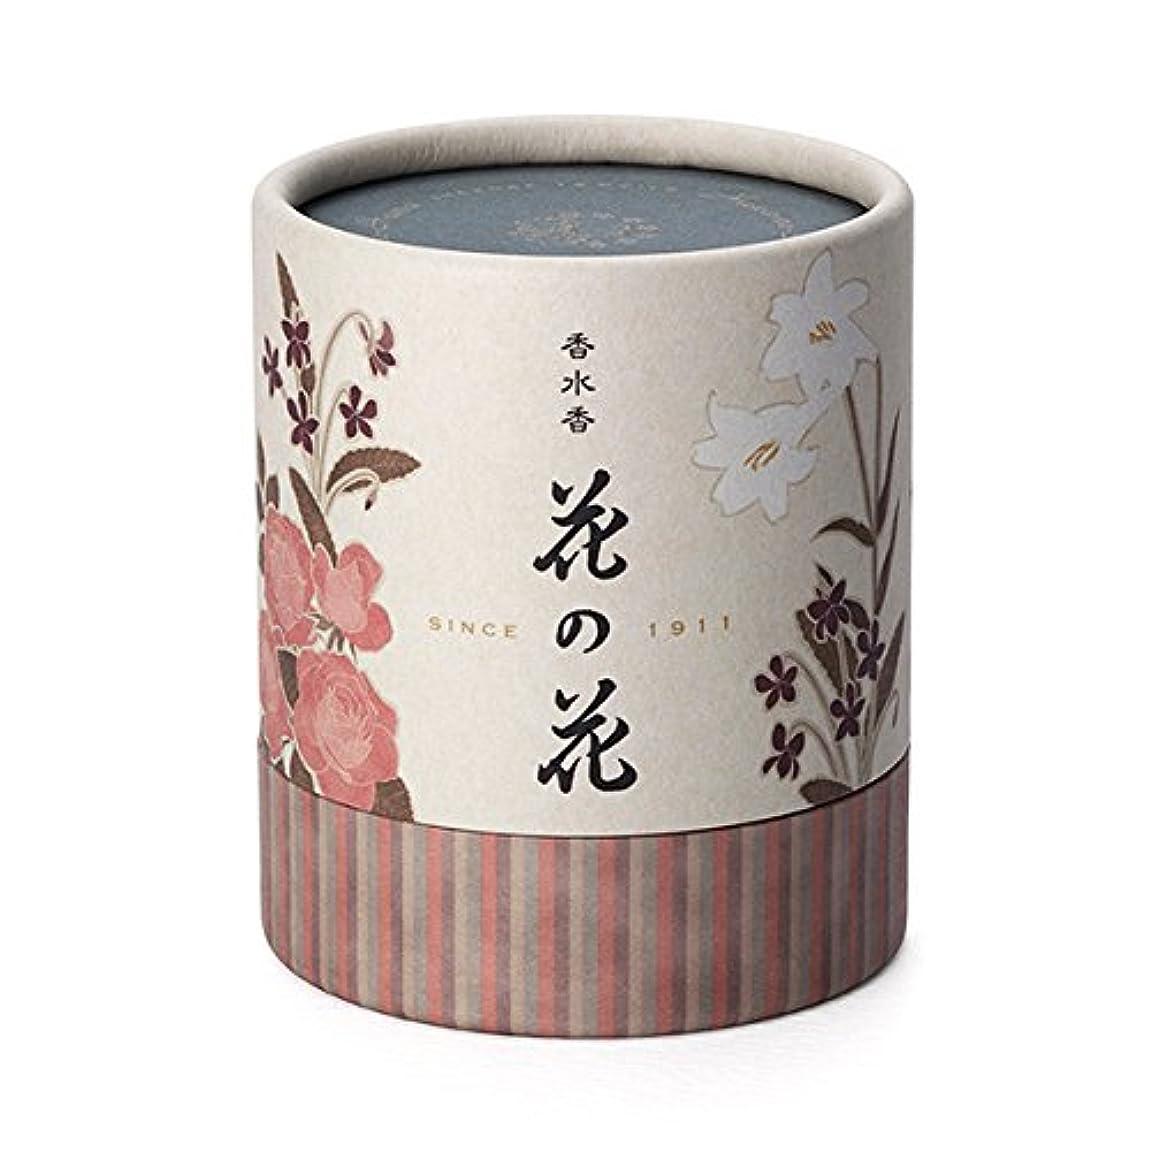 不名誉な医薬講義日本香堂 香水香 花の花 3種入 うず巻12巻入 香立付( 30003)